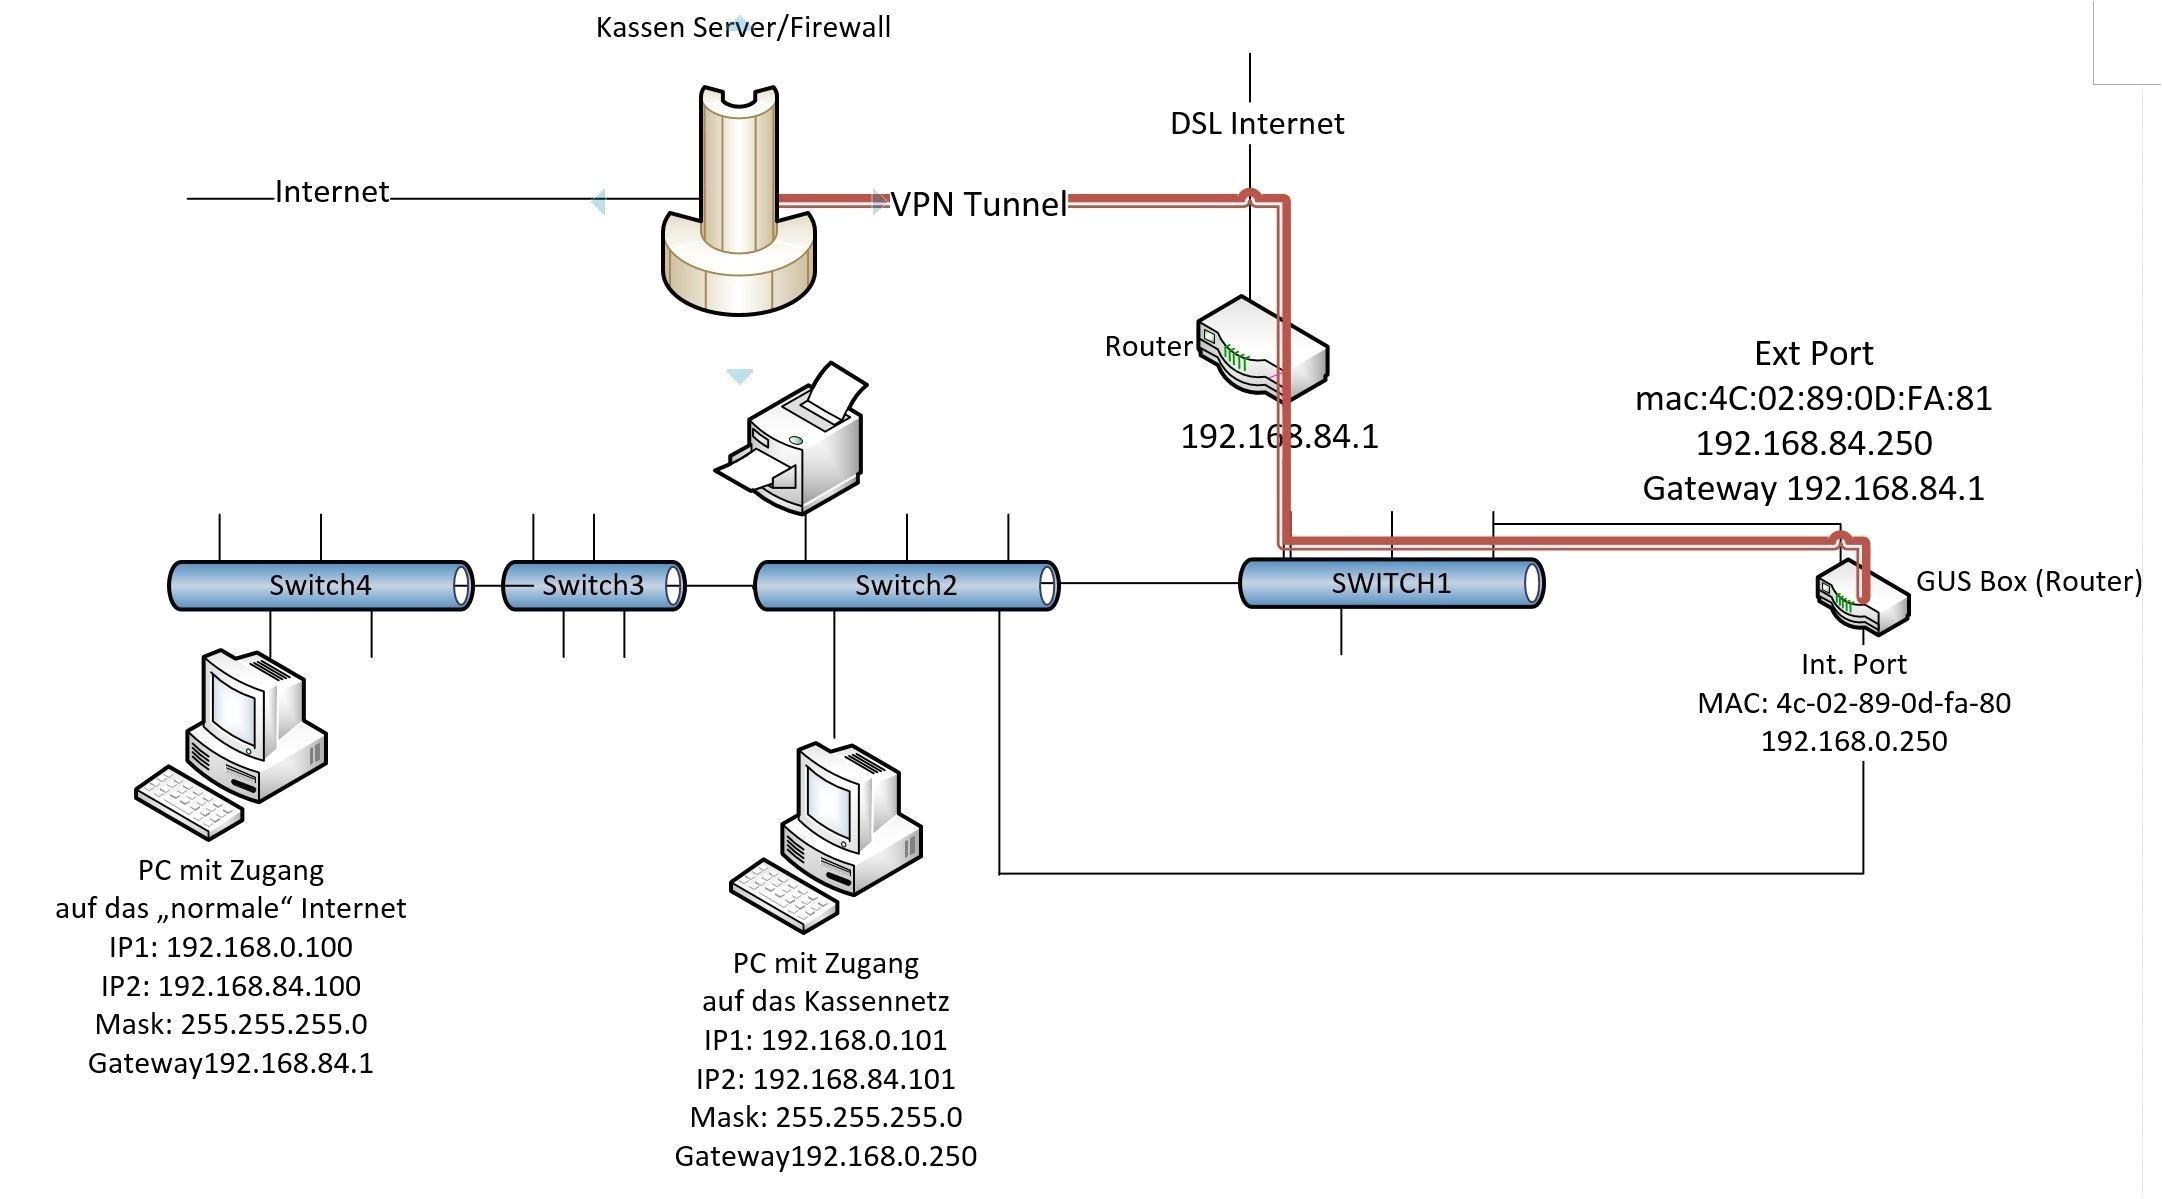 wiring diagram software mac basic electronics wiring diagram automotive wiring diagrams inspirational aircraft wiring diagramautomotive wiring